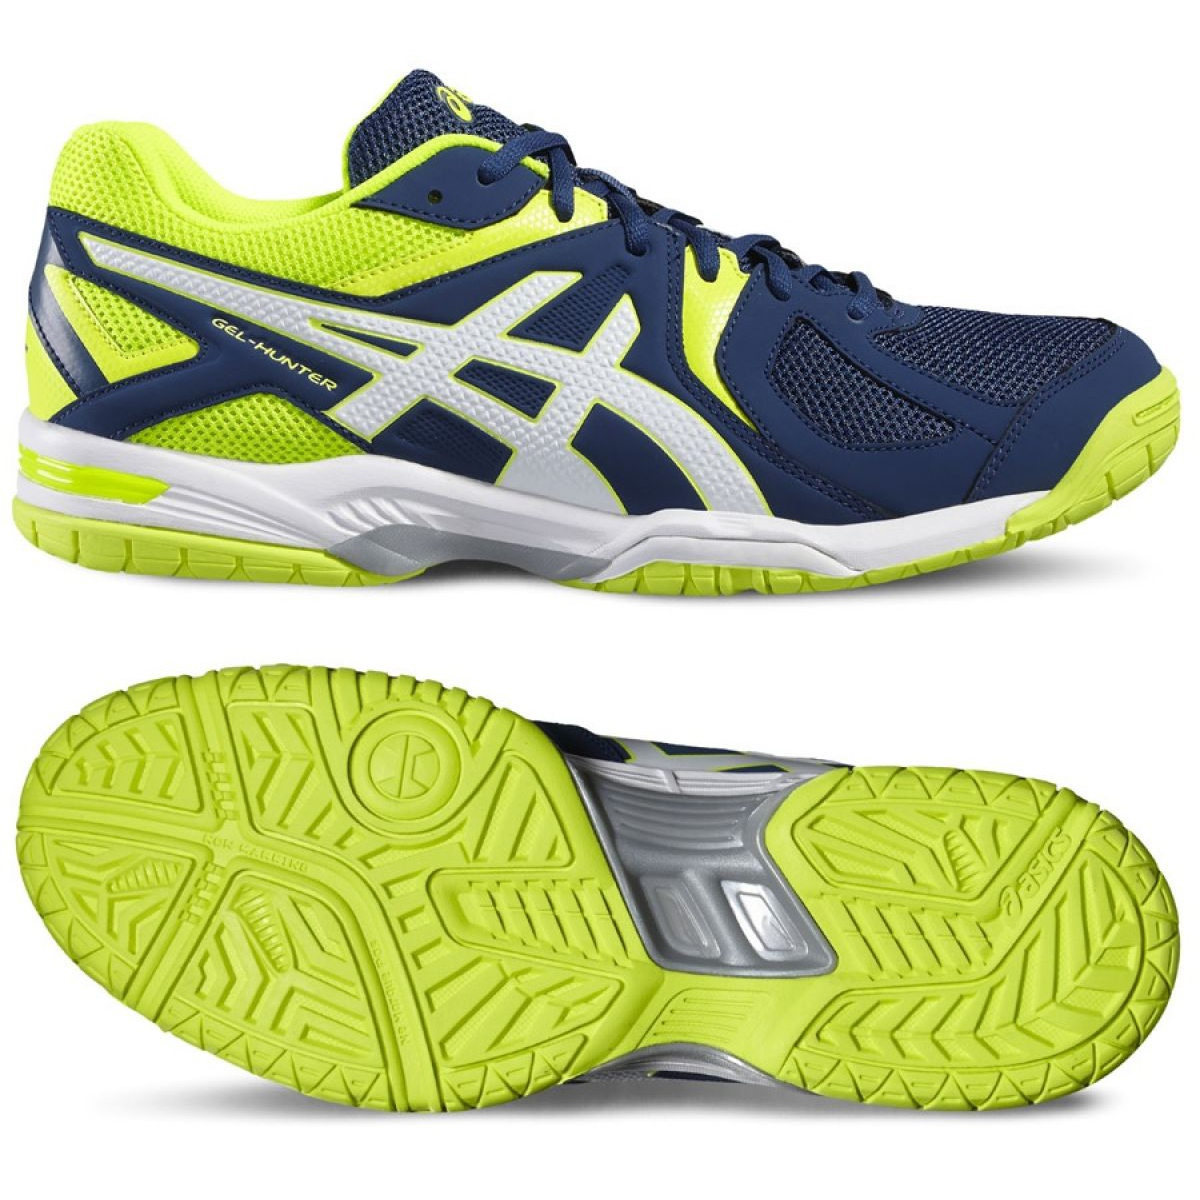 buty sportowe autentyczna jakość strona internetowa ze zniżką Asics Gel Hunter 3 M R507Y-5801 training shoes